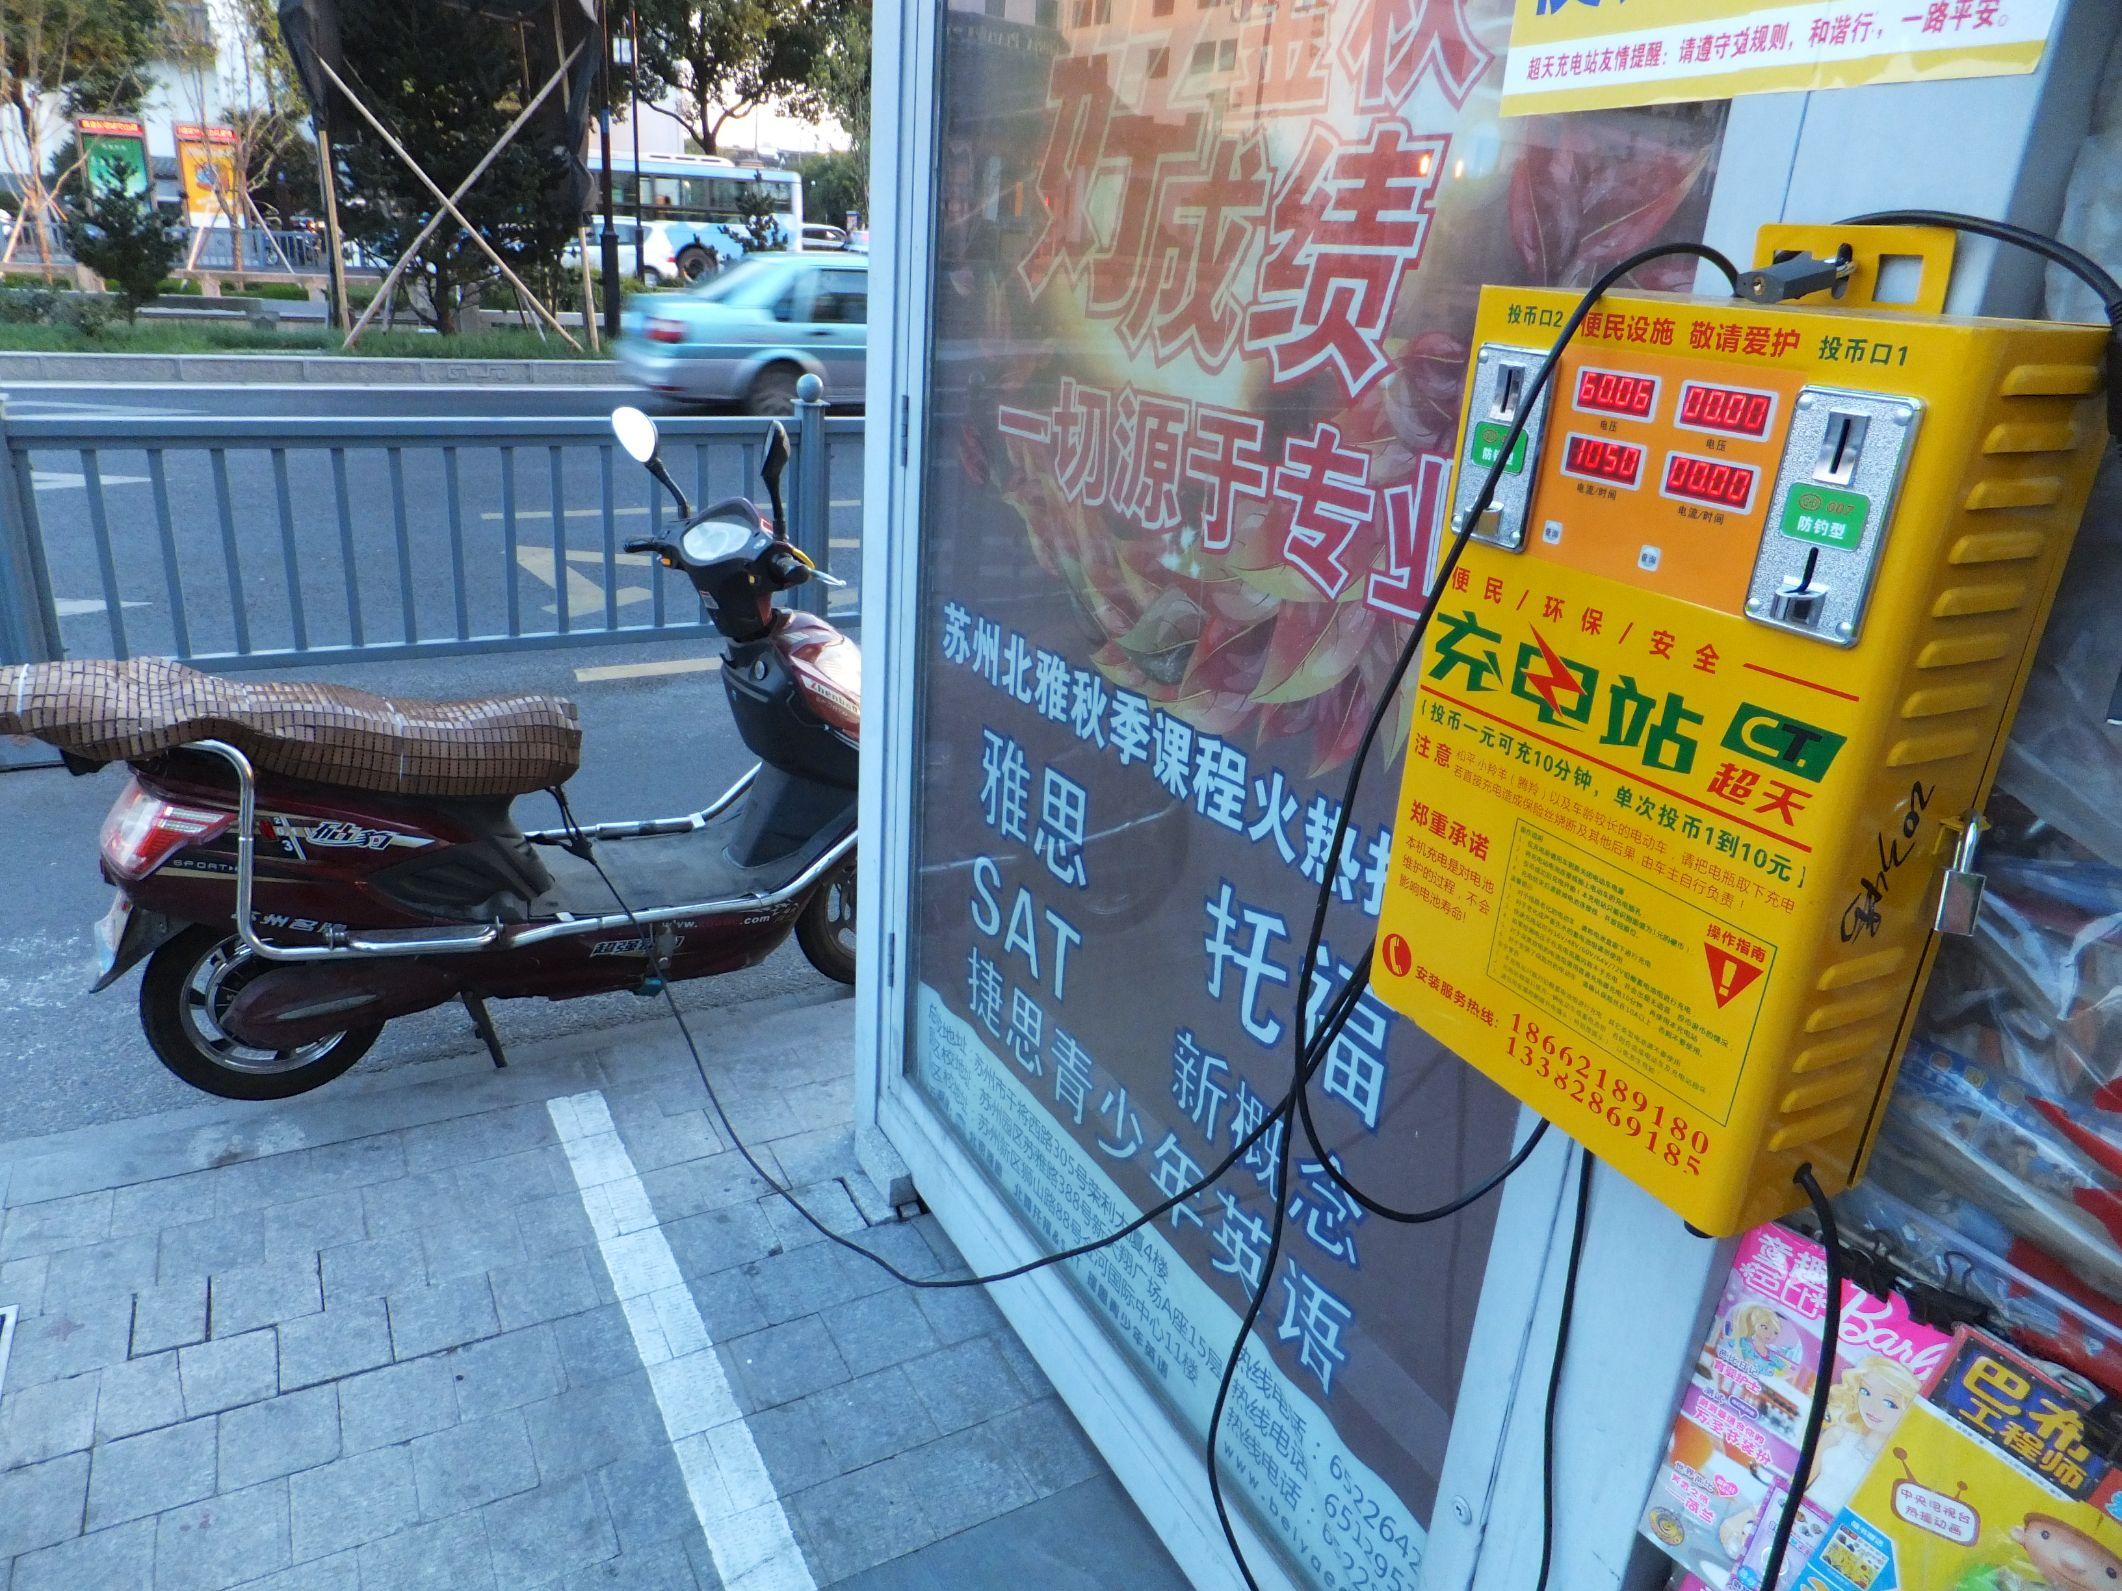 Ladestation für die E-Scooter